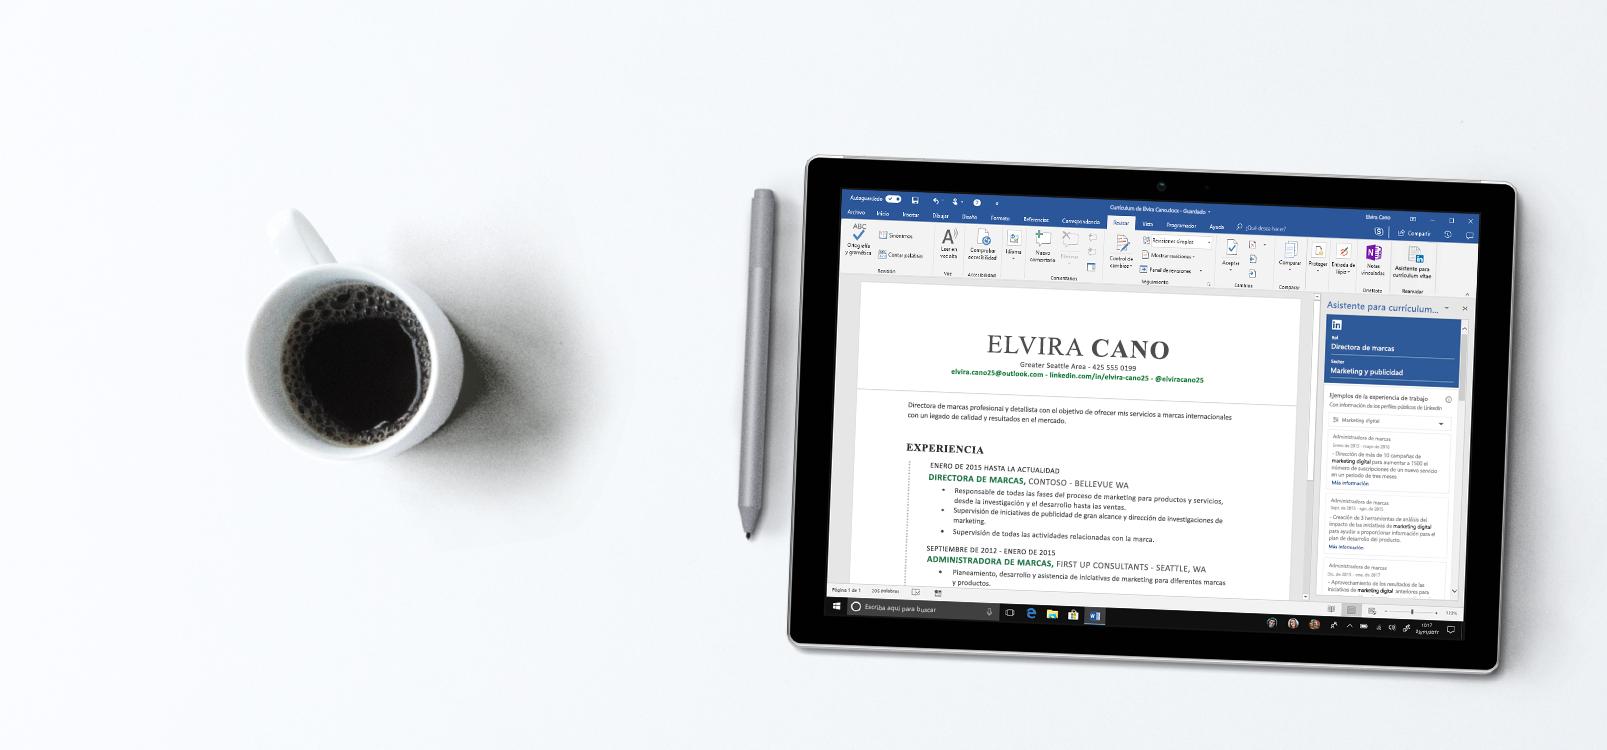 Pantalla de una tableta que muestra Word con un la barra del Asistente de currículum vítae a la derecha, con ejemplos de currículum vítae